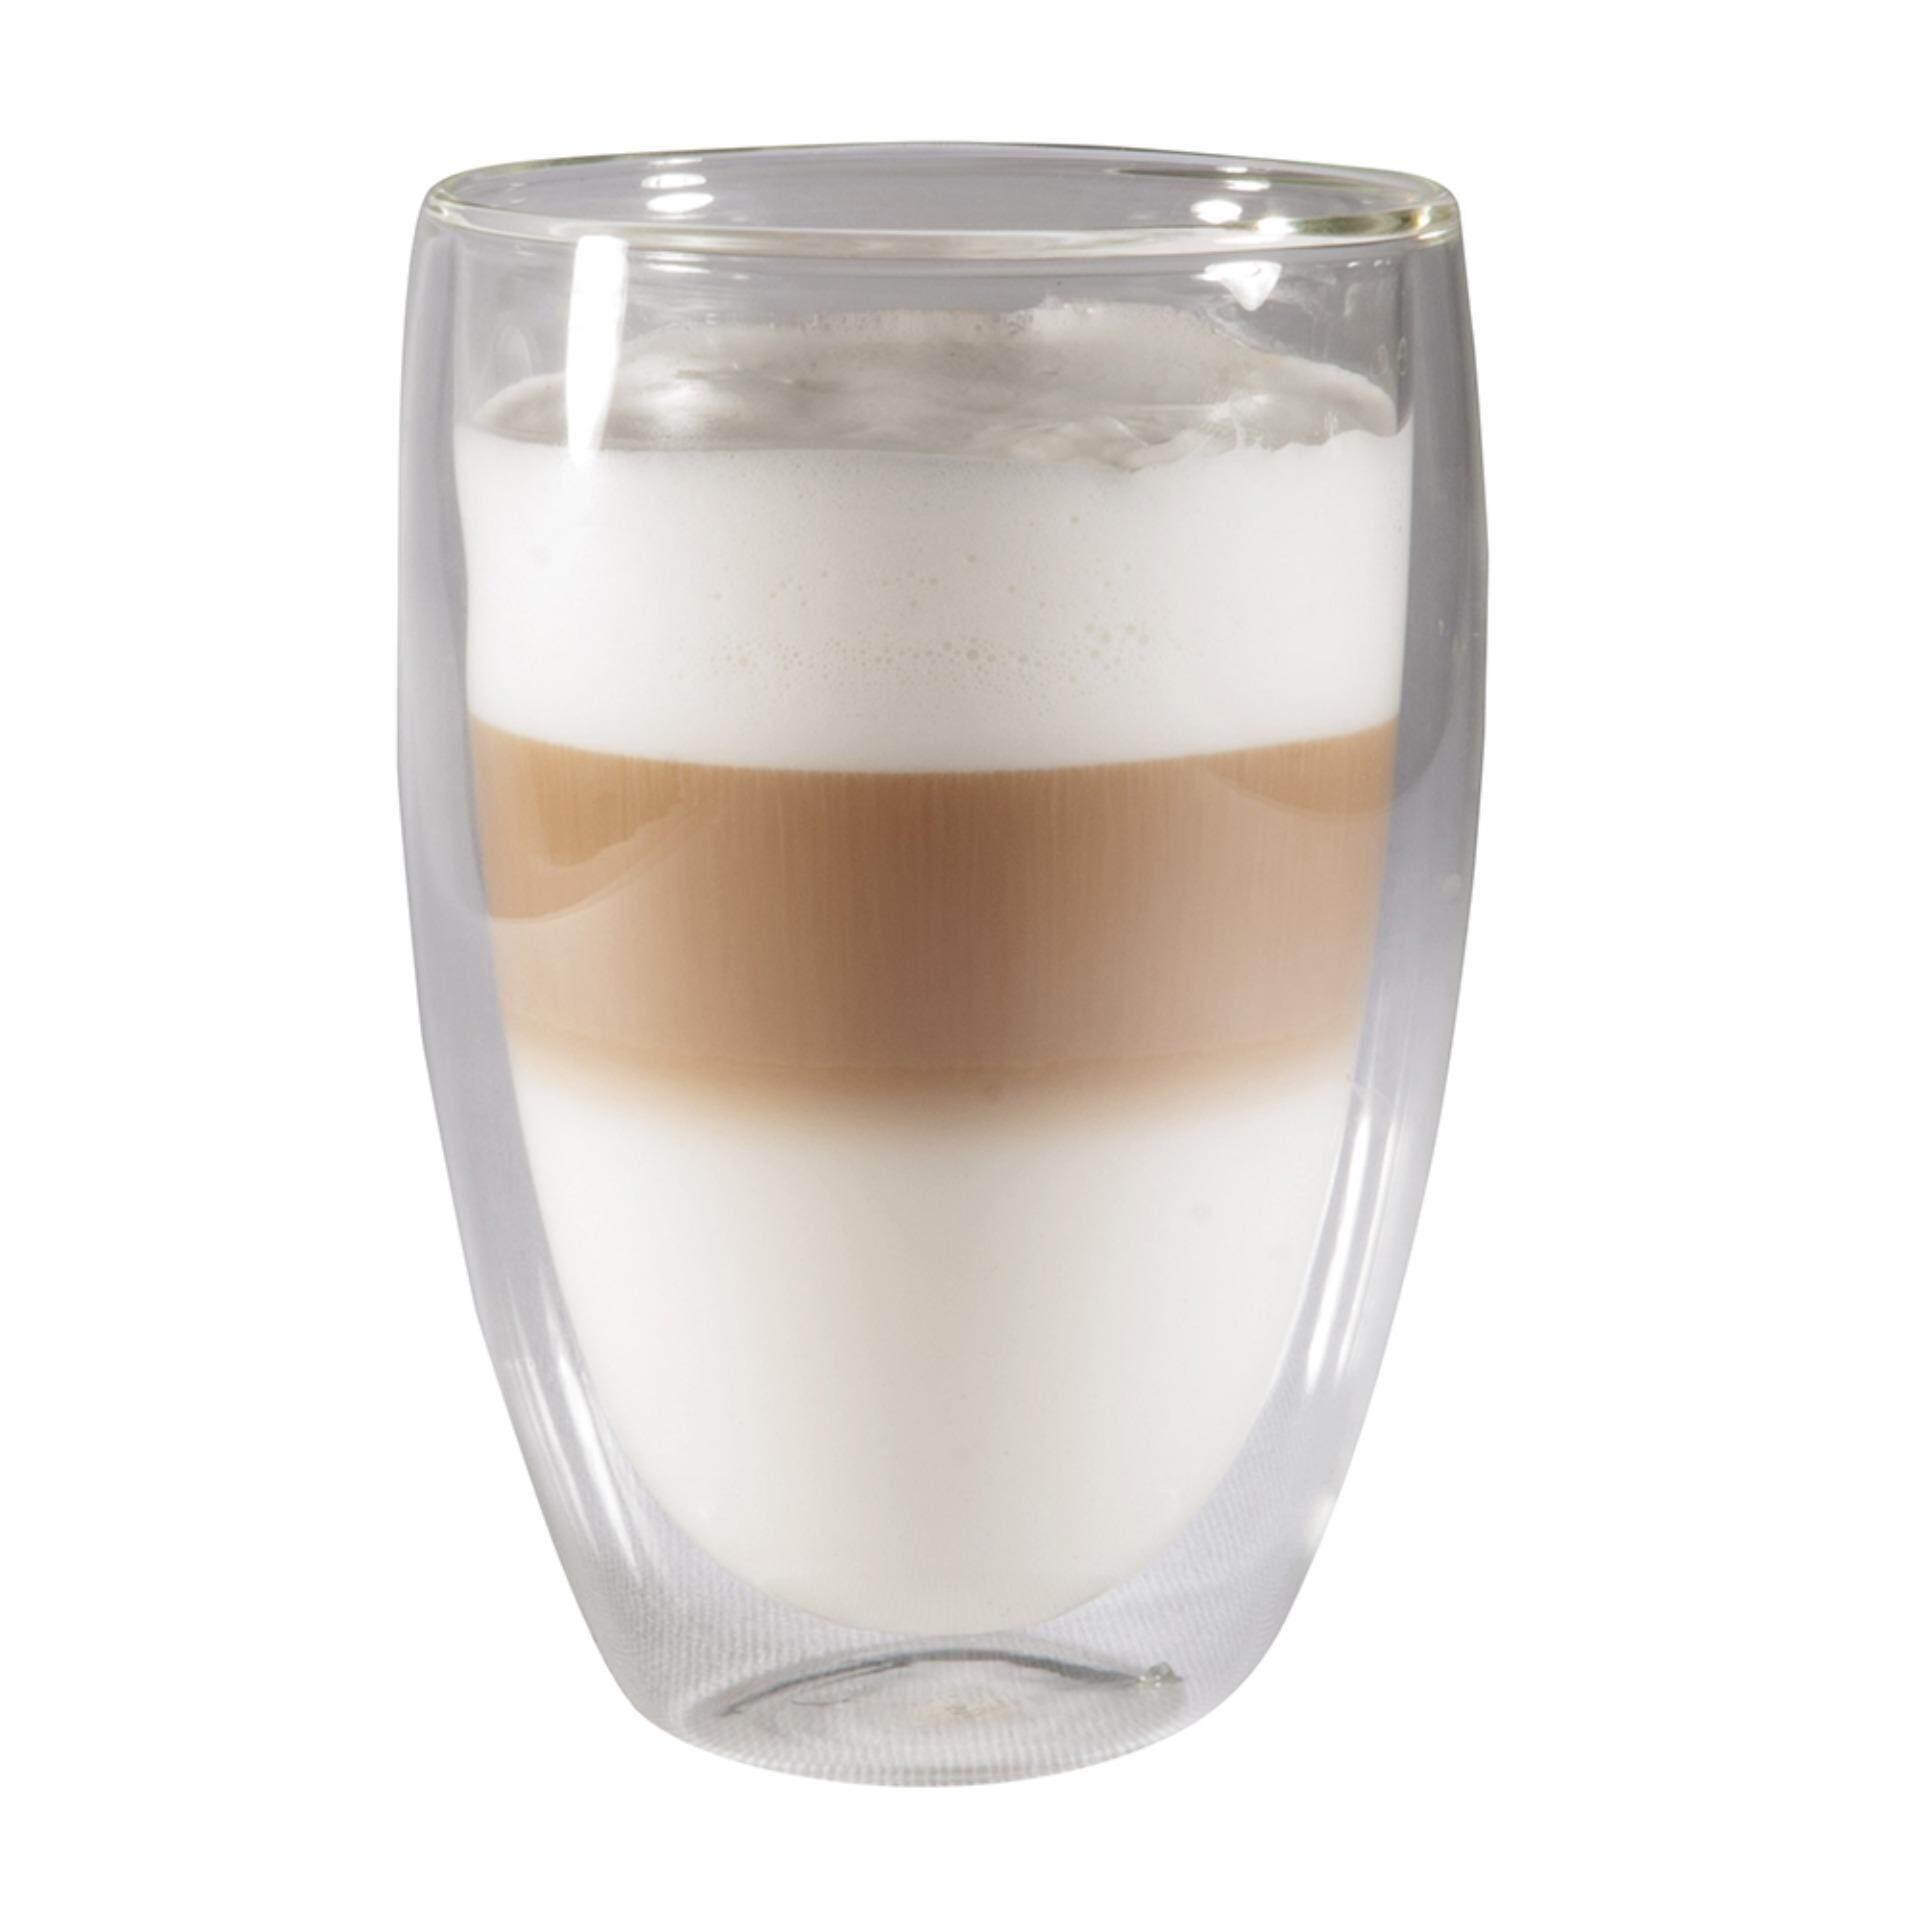 ขาย Cafecaps Cups350 ถ้วยกาแฟดับเบิ้ลวอลล์ เซ็ท 4 ใบ กรุงเทพมหานคร